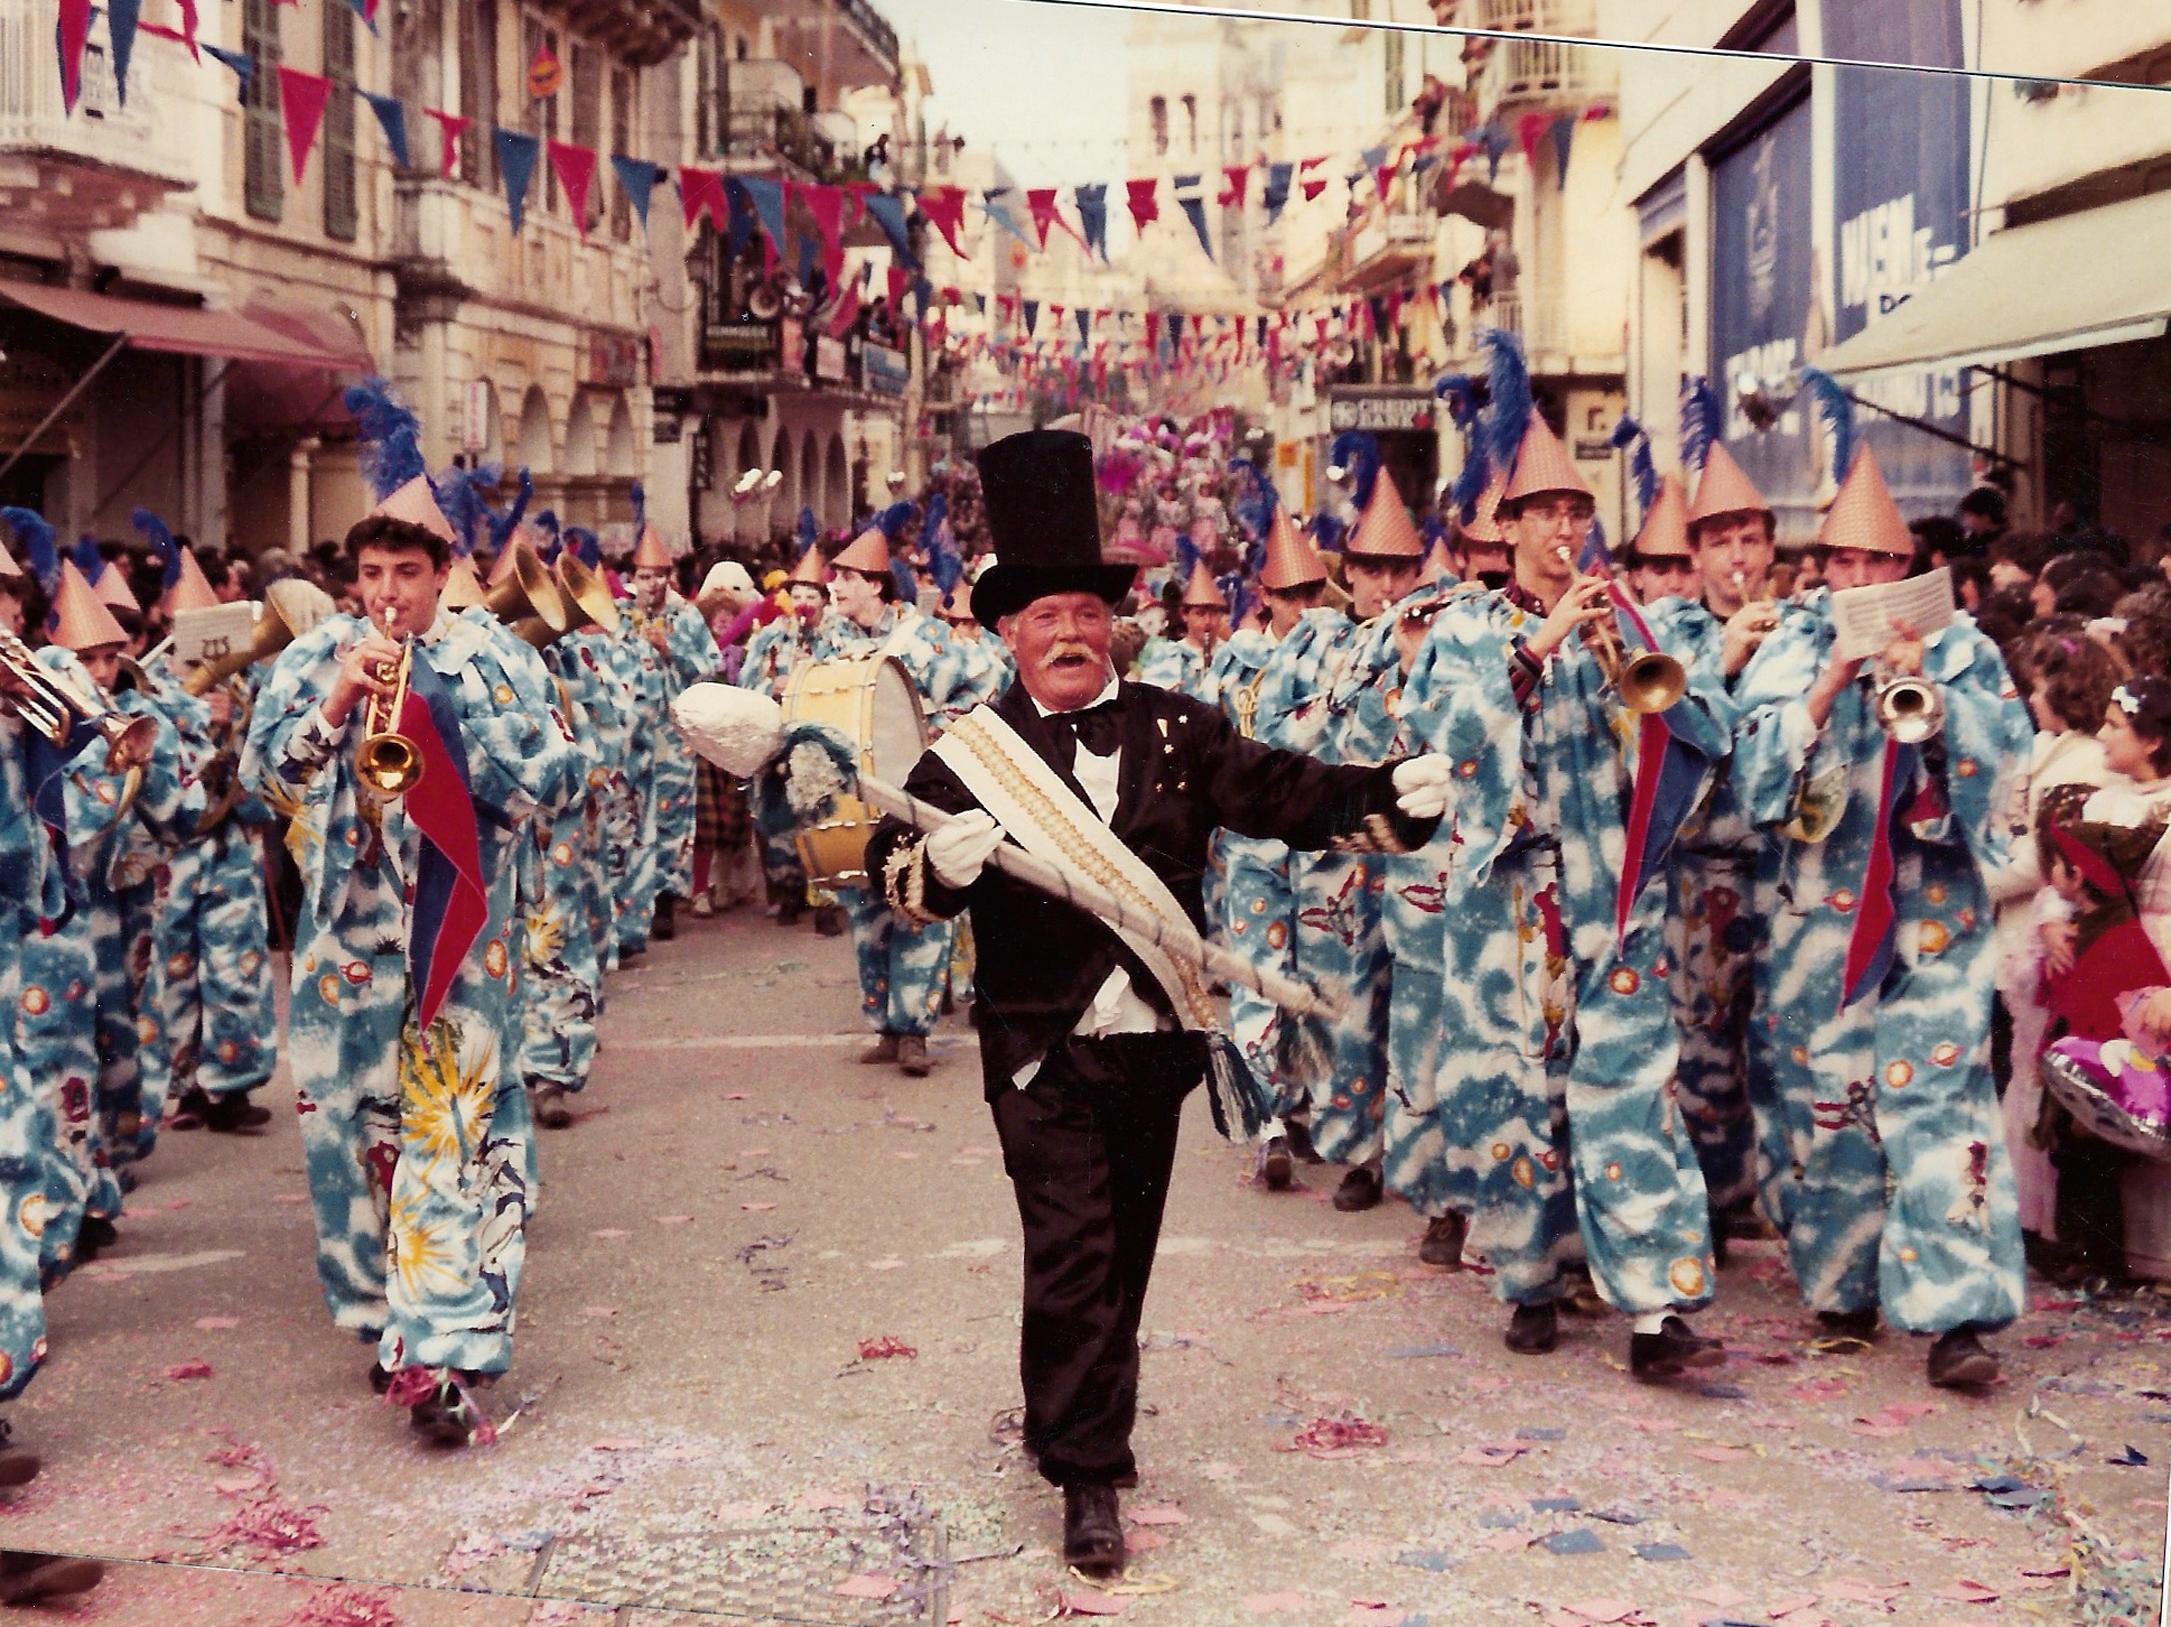 Ο αξέχαστος Μπάρμπα –Νίκος σε καρναβαλίτικη παρέλαση με την «Μάντζαρο» στο τέλειωμα του 20ου αιώνα